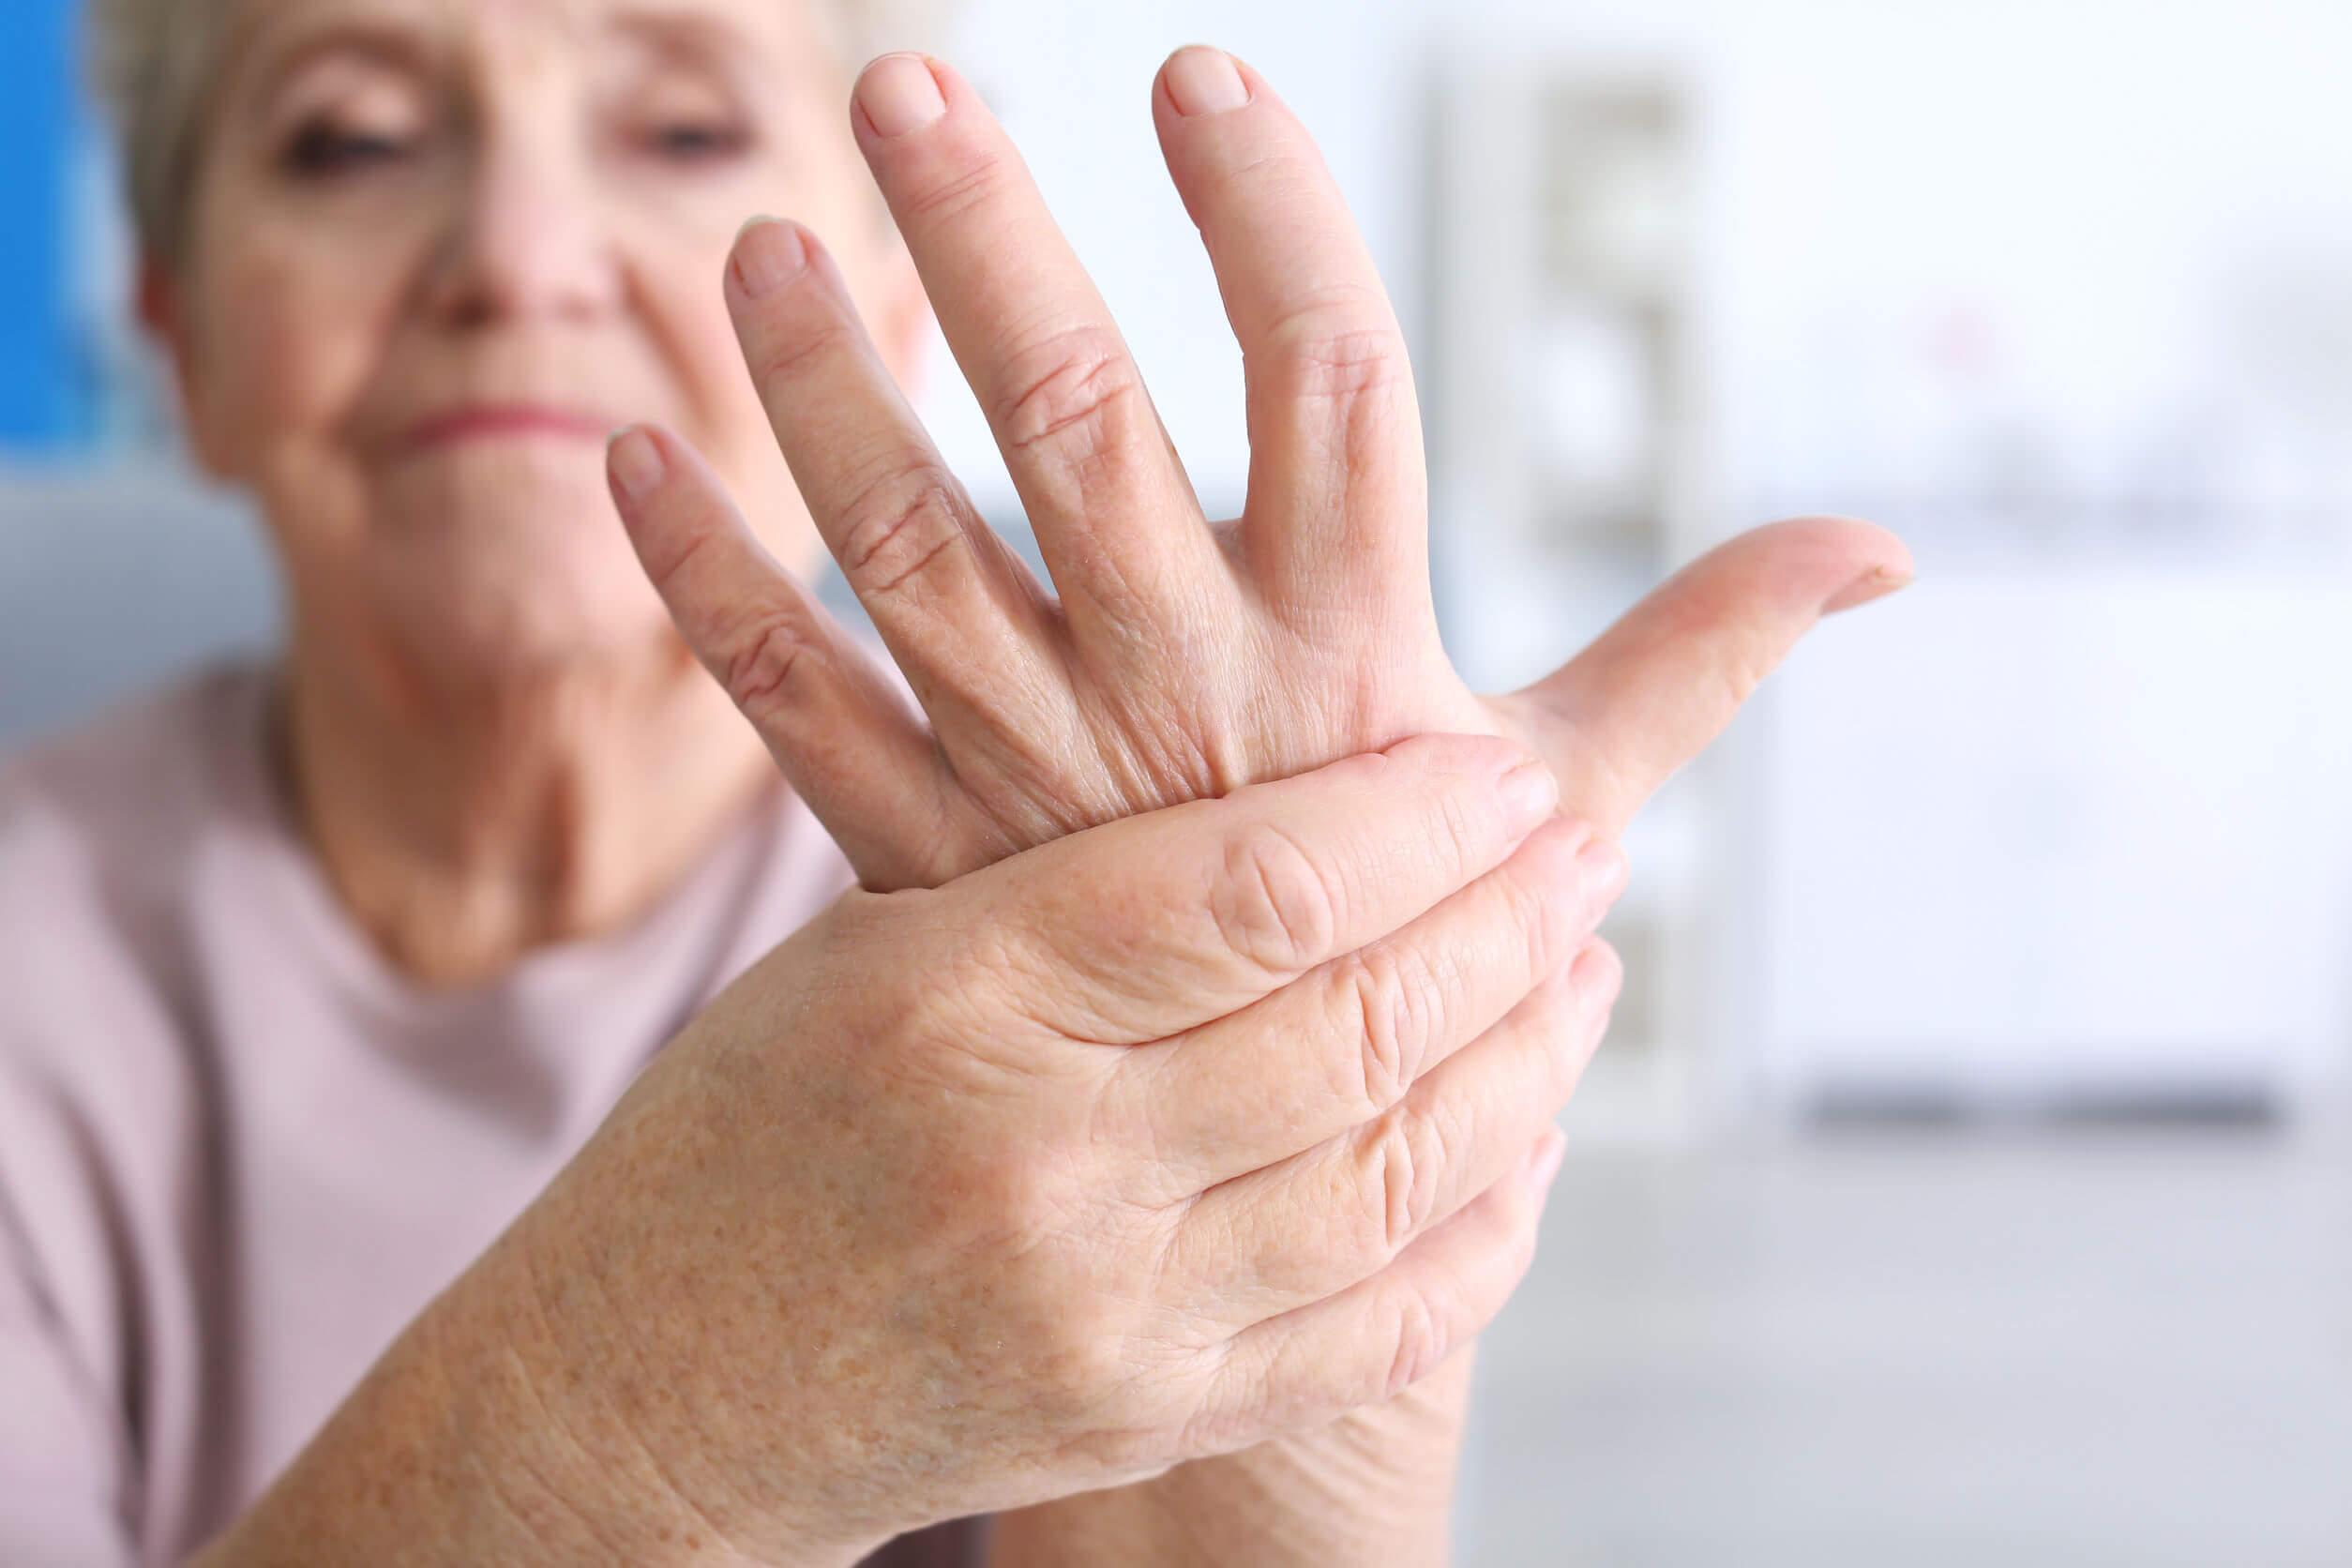 La hierba de carmín podría ayudar a los pacientes con artritis.